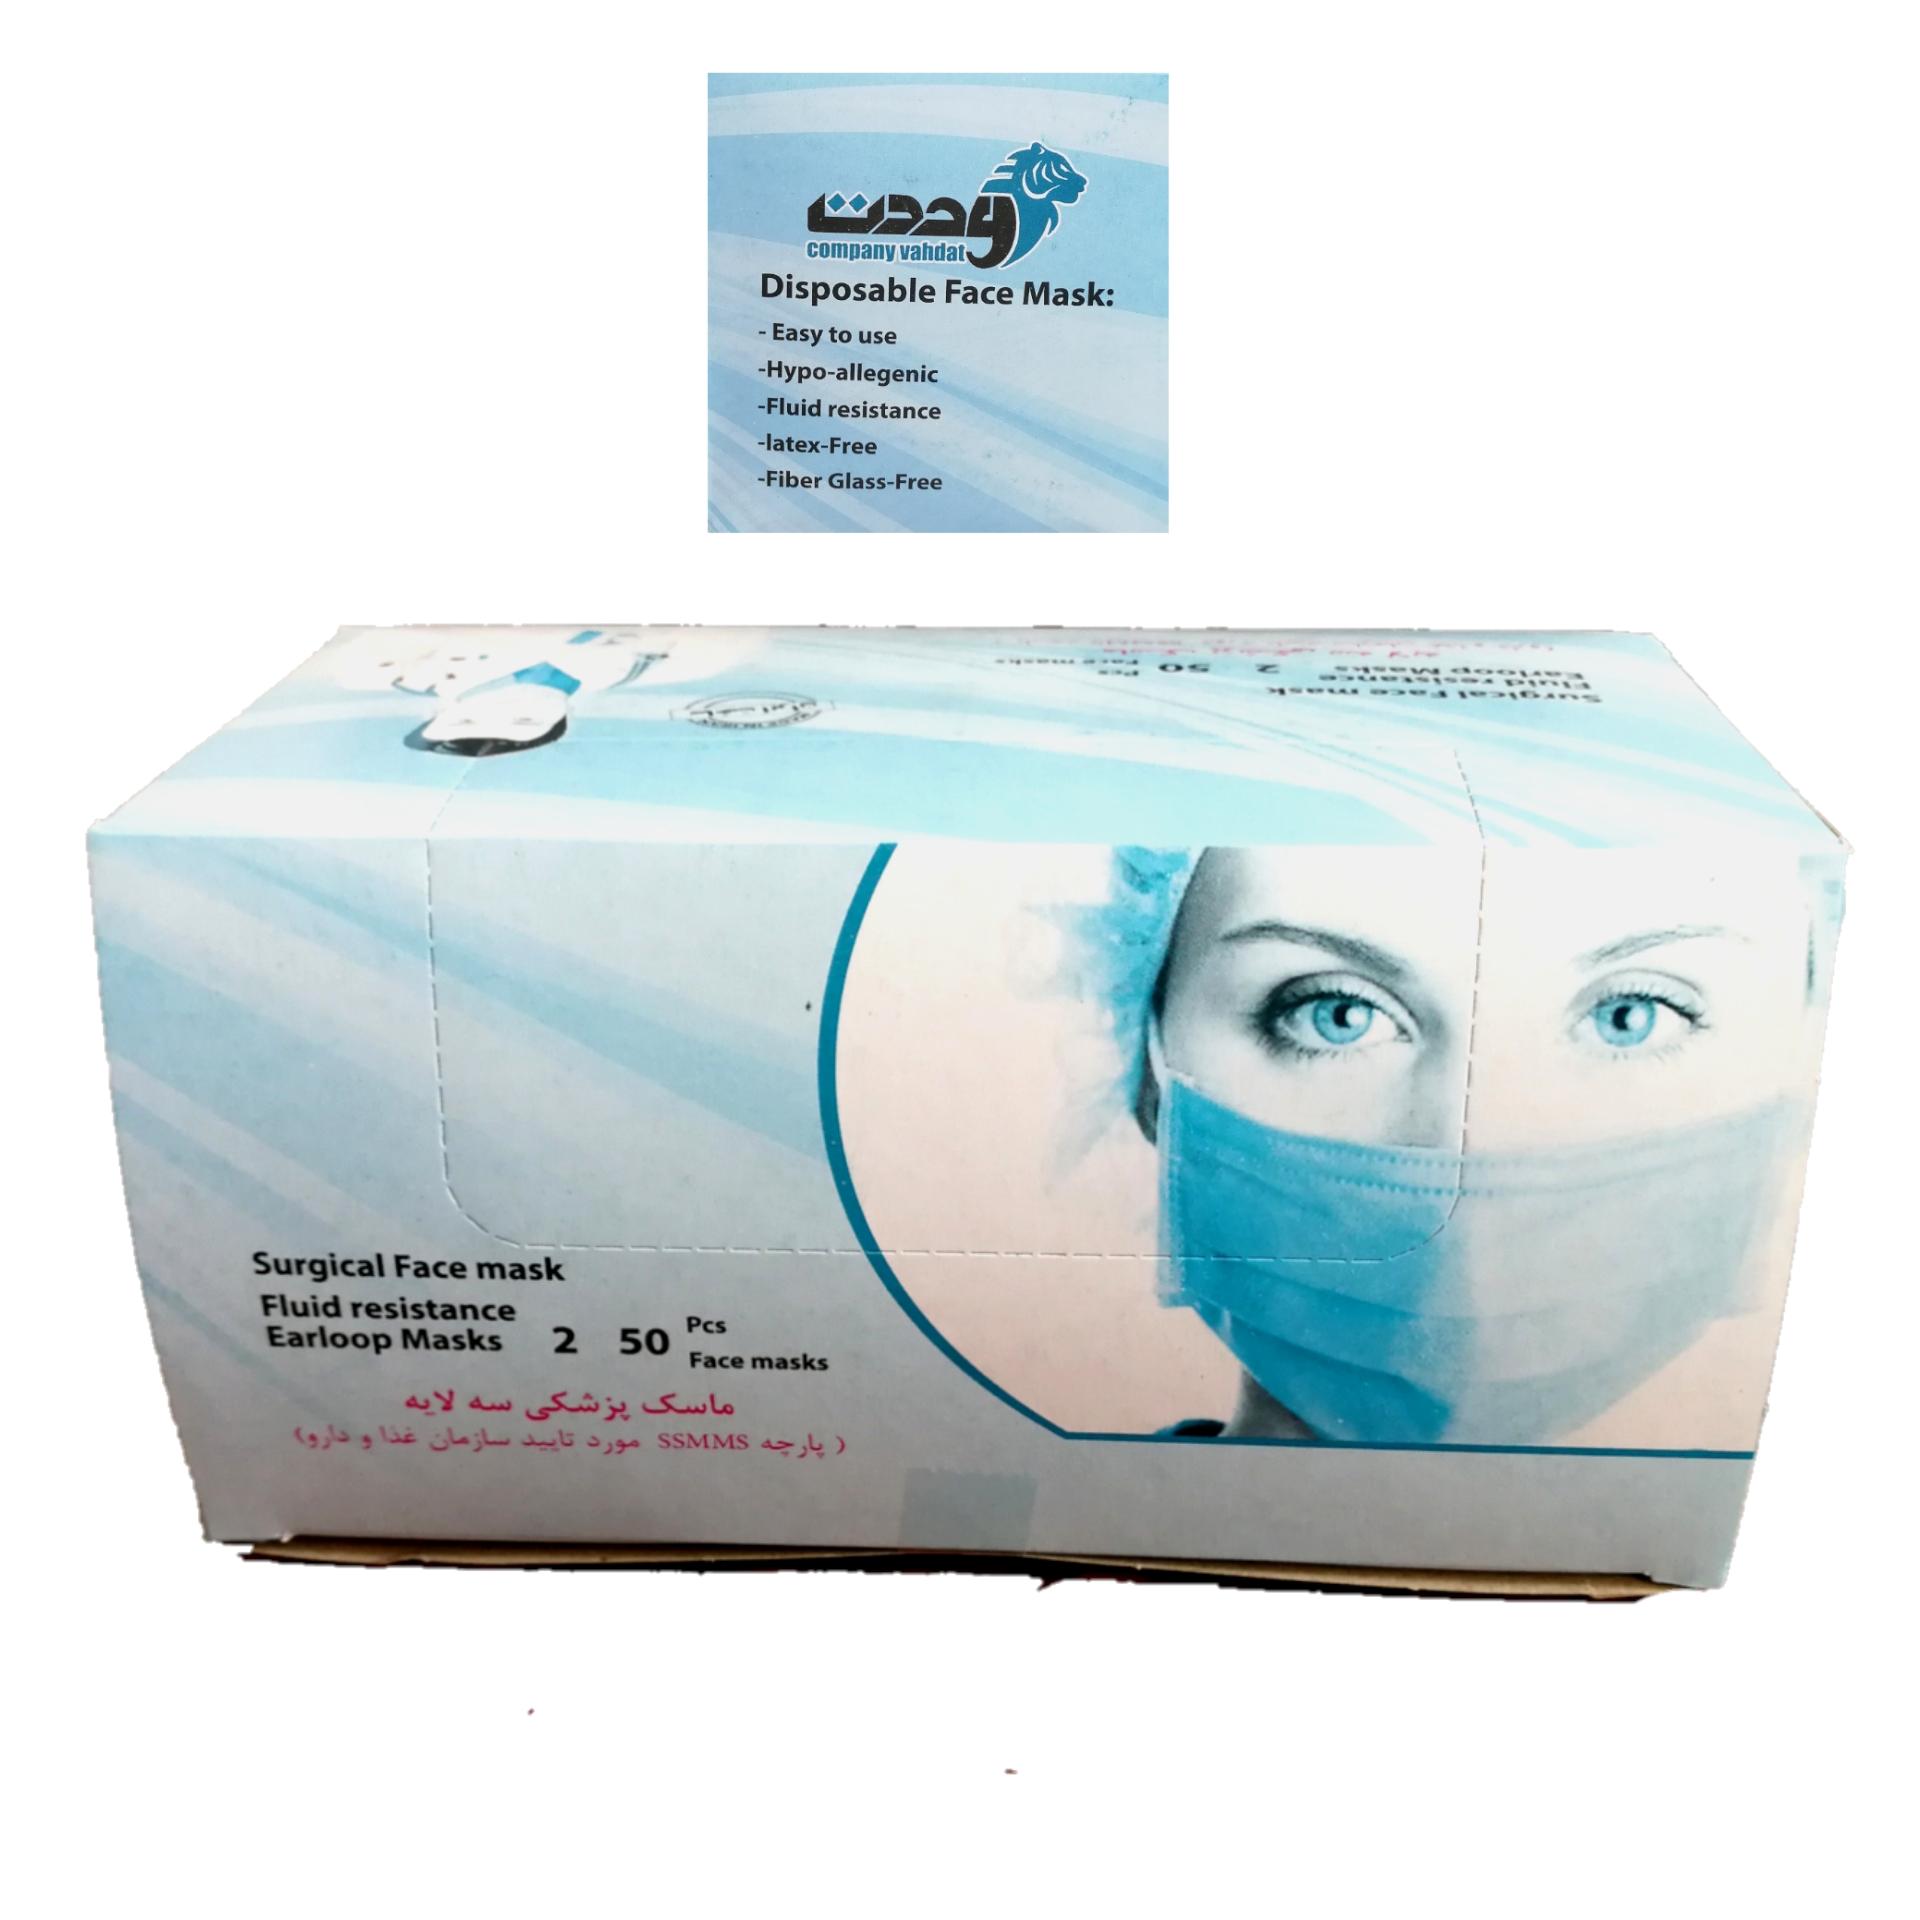 ماسک تنفسی بایکو مدل PB بسته 50 عددی main 1 4